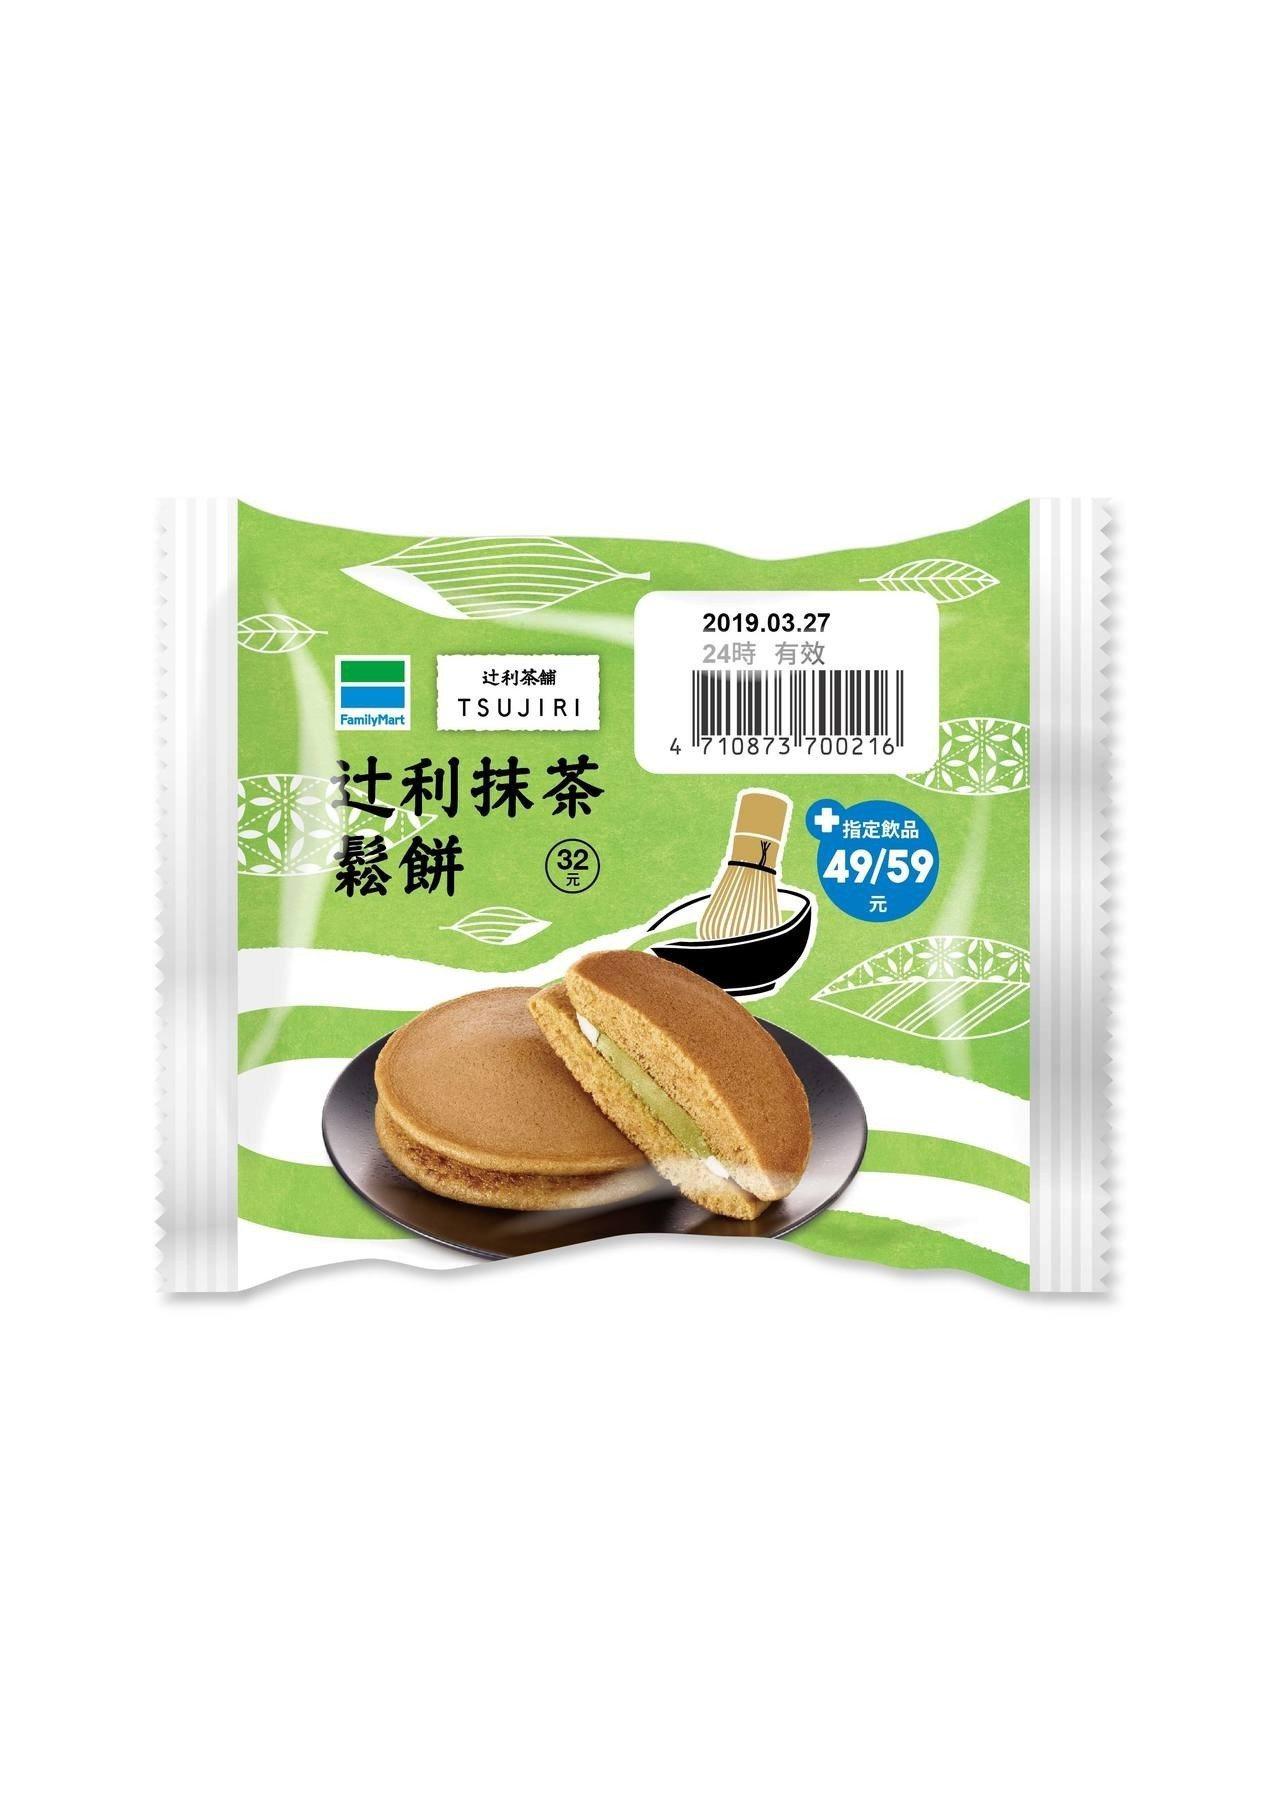 辻利抹茶鬆餅在餅皮中拌入上等日本辻利抹茶粉,結合牛奶卡士達與抹茶奶霜內餡,微甜中...